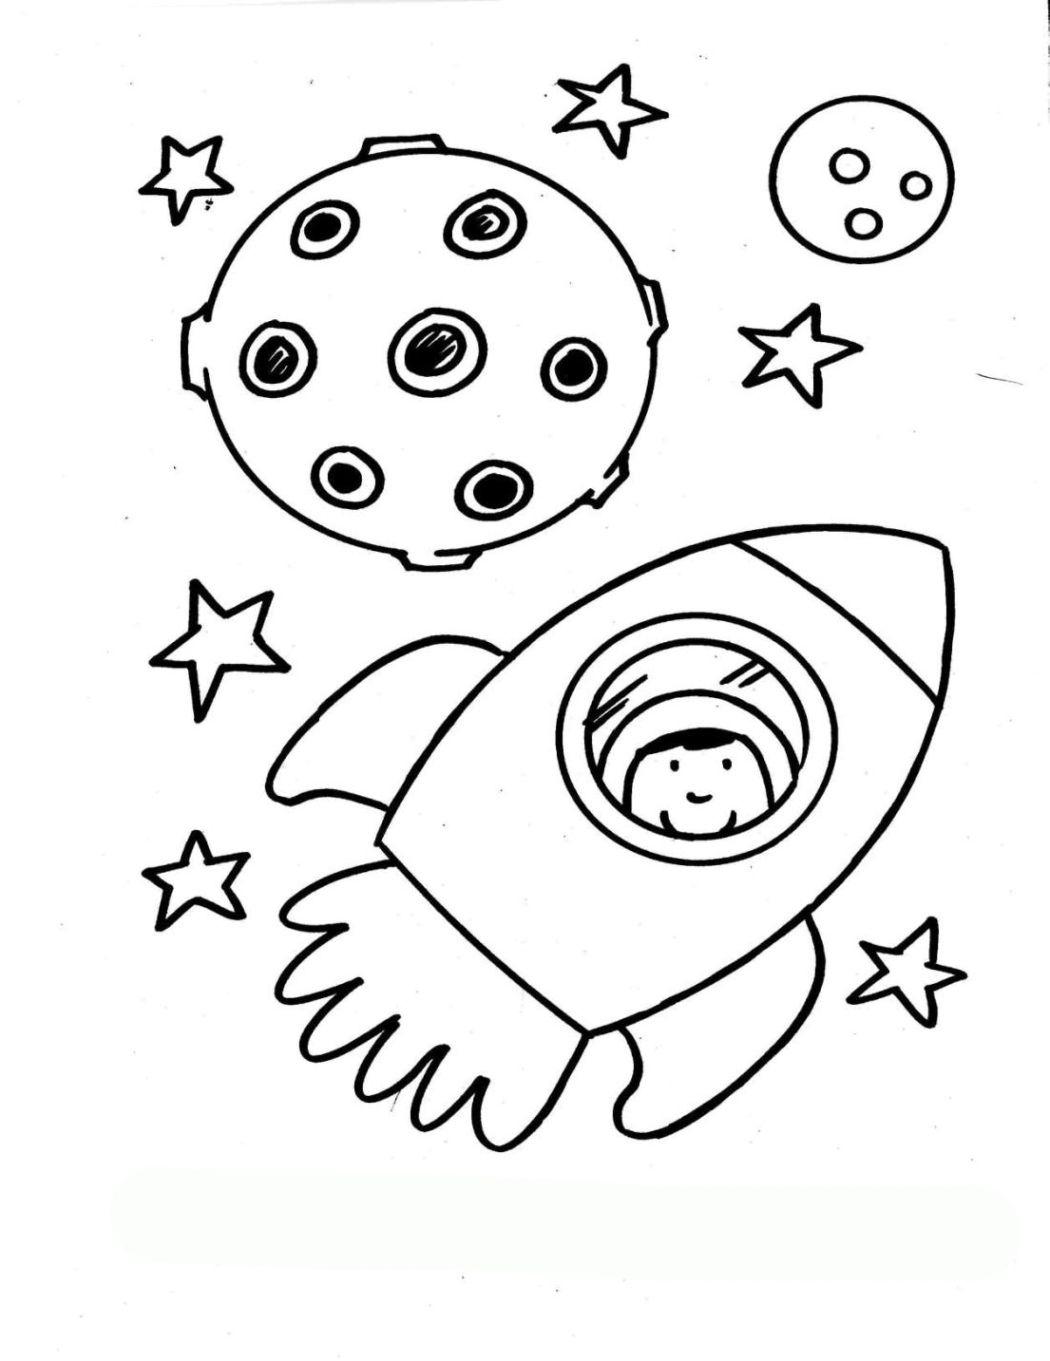 Ausmalbilder Rakete Malvorlagen 1 Vorlagen Zum Ausdrucken bei Vorlage Rakete Malen